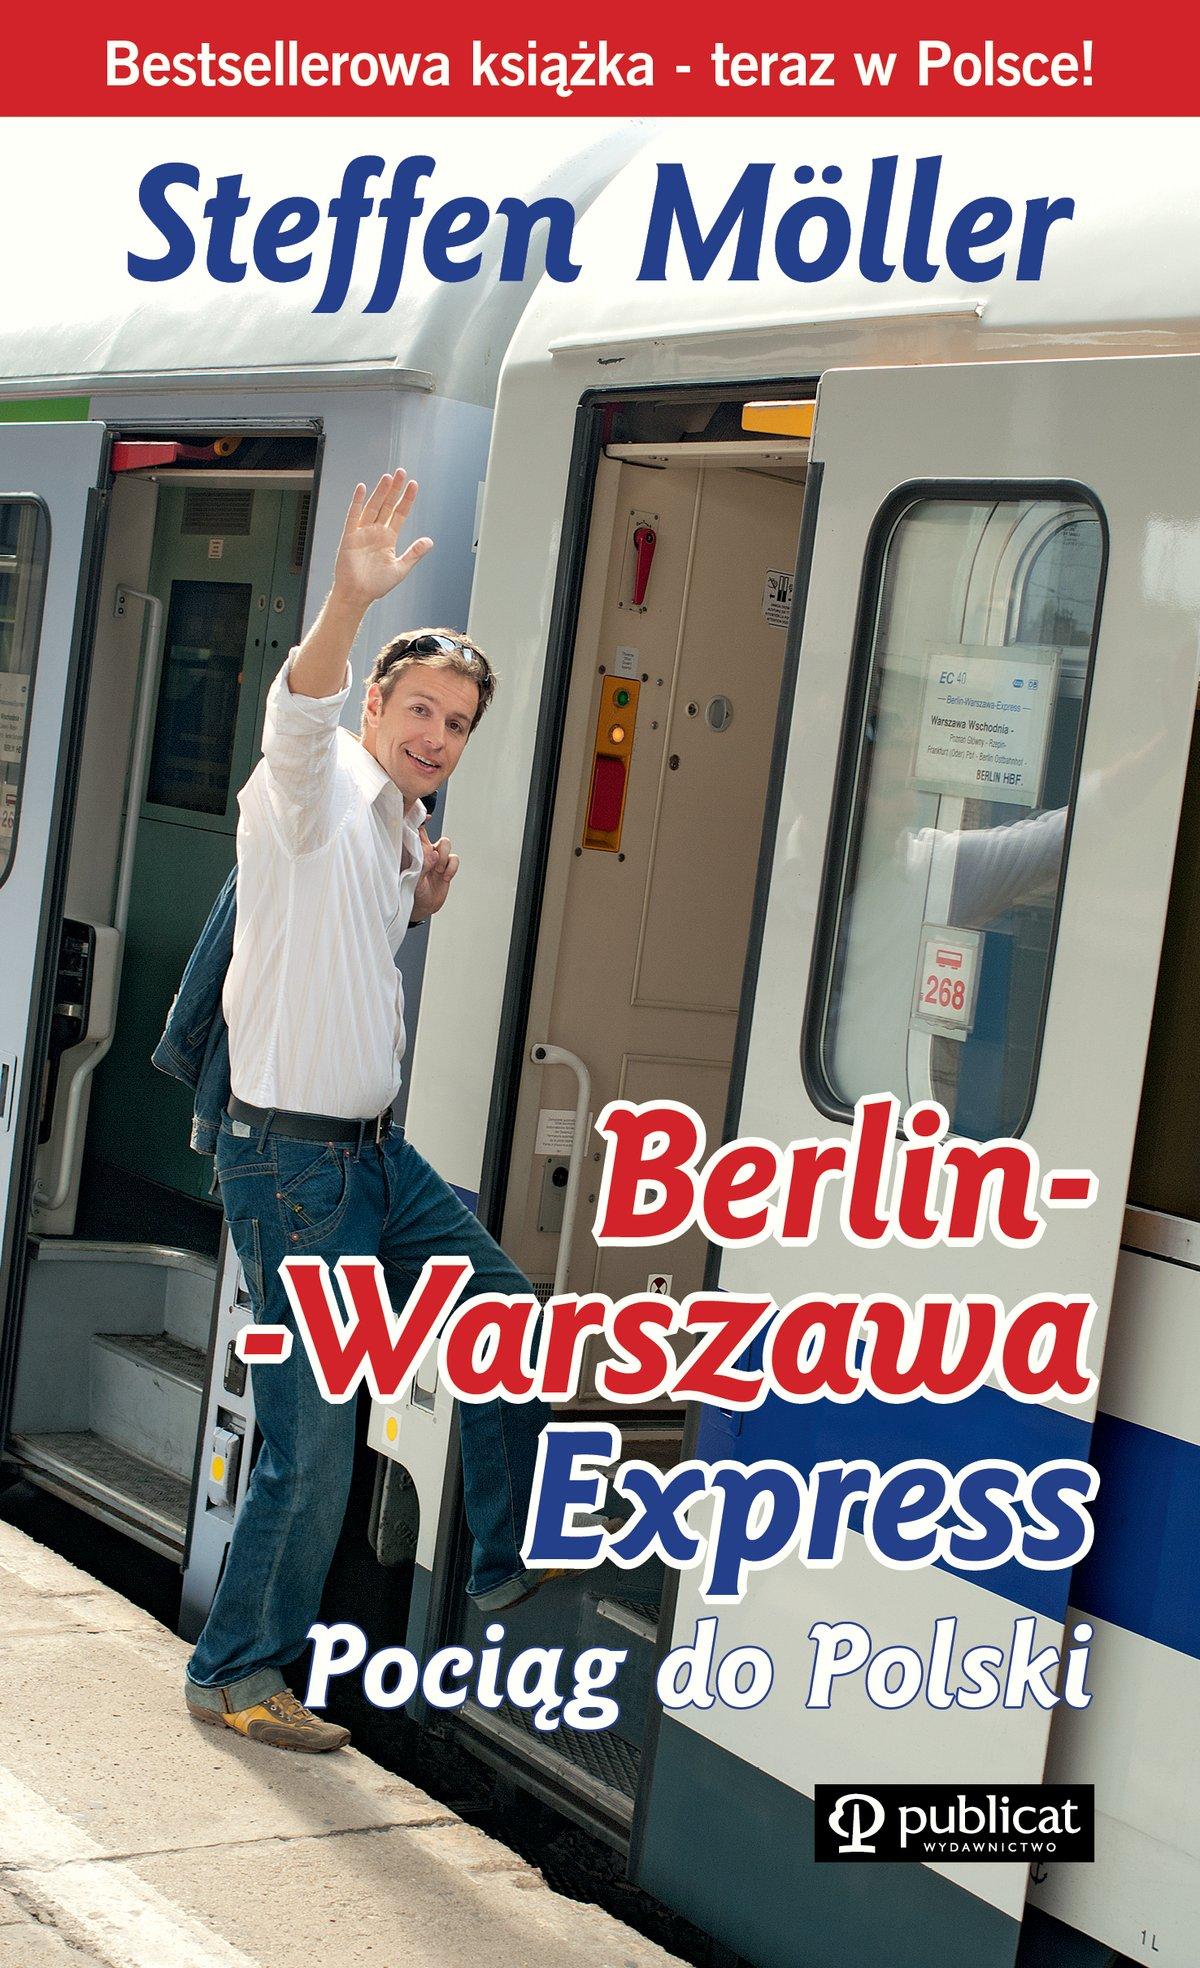 Berlin-Warszawa-Express. Pociąg do Polski (Steffen Moeller) - Ebook (Książka na Kindle) do pobrania w formacie MOBI